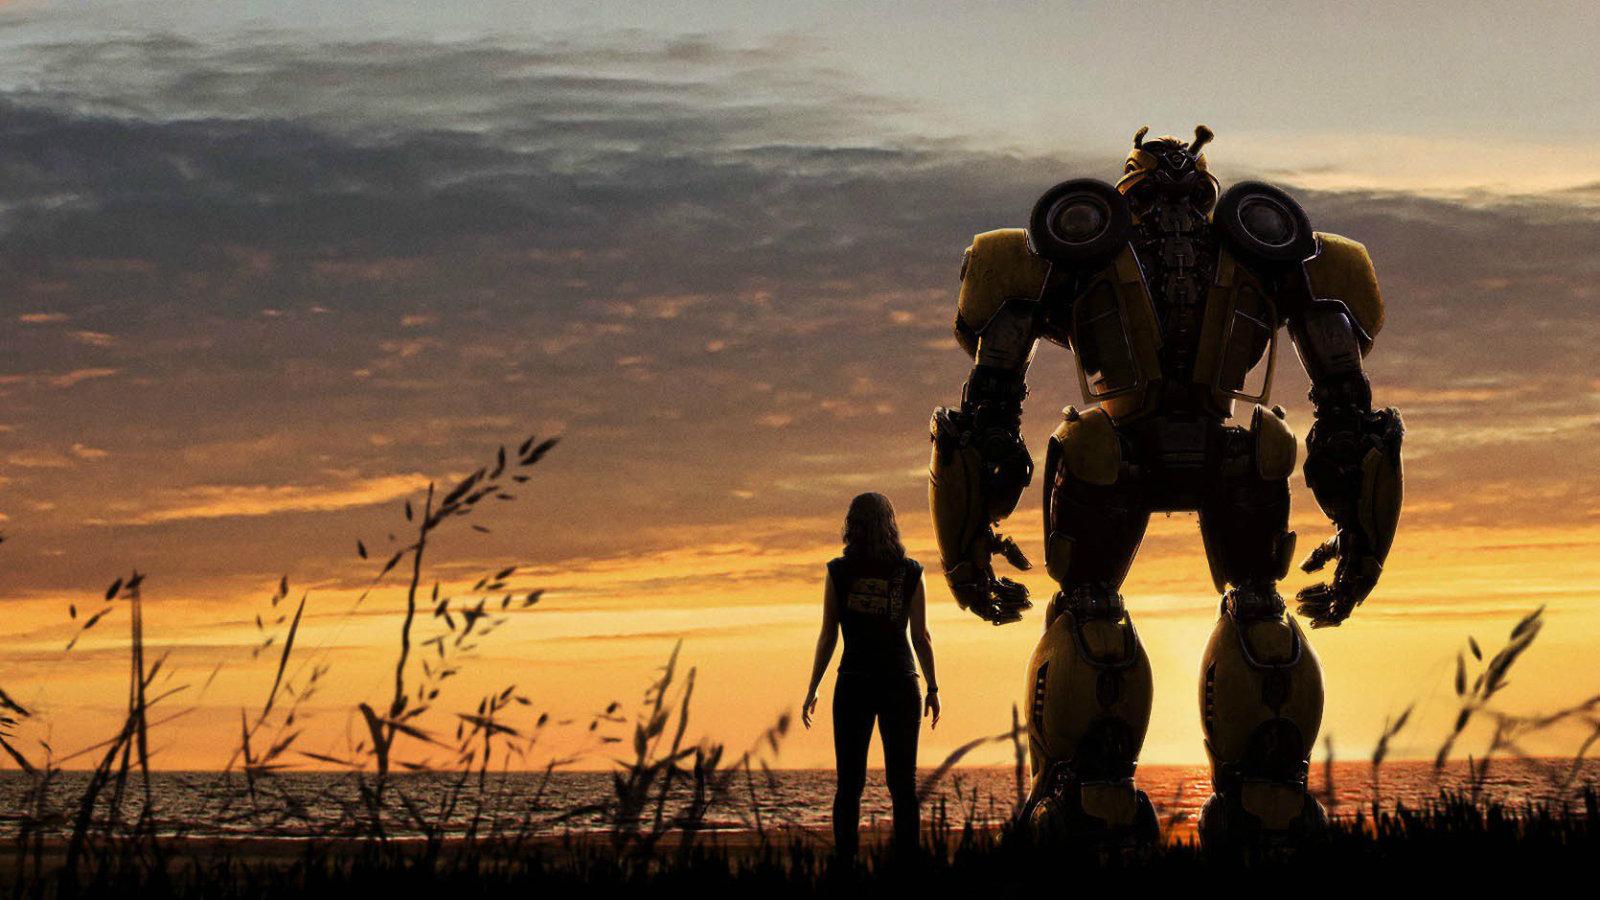 派拉蒙影业《大黄蜂》独立电影将于1月4日登陆内地院线